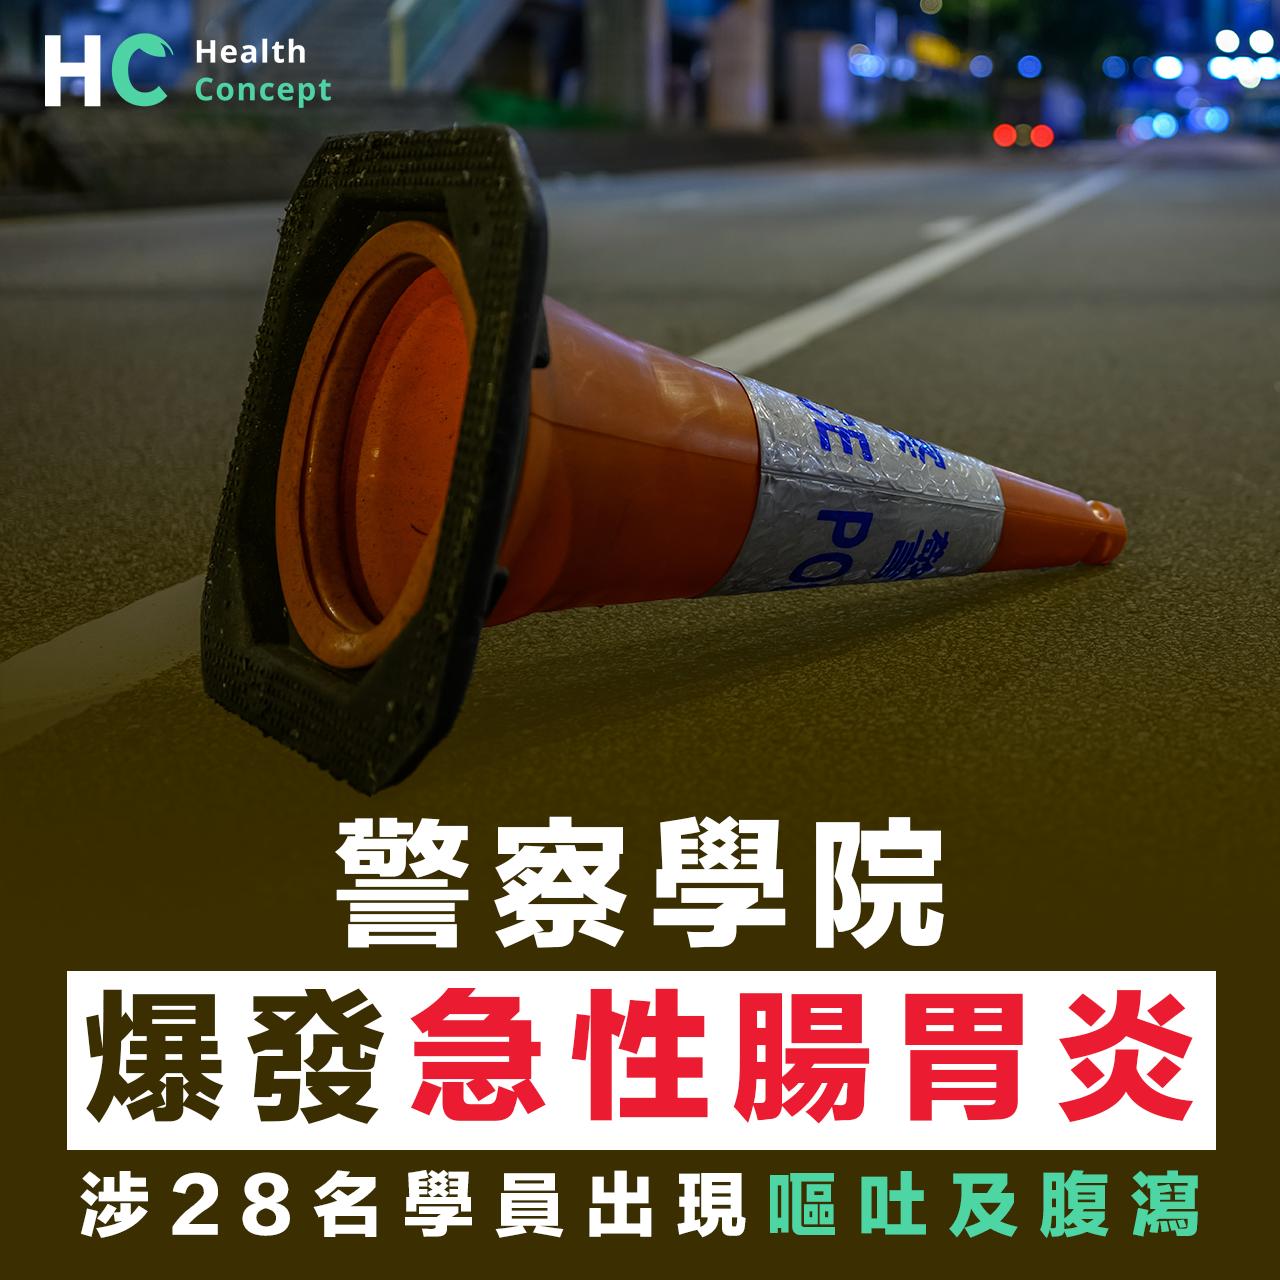 警察學院爆發急性腸胃炎 涉28名學員出現嘔吐及腹瀉